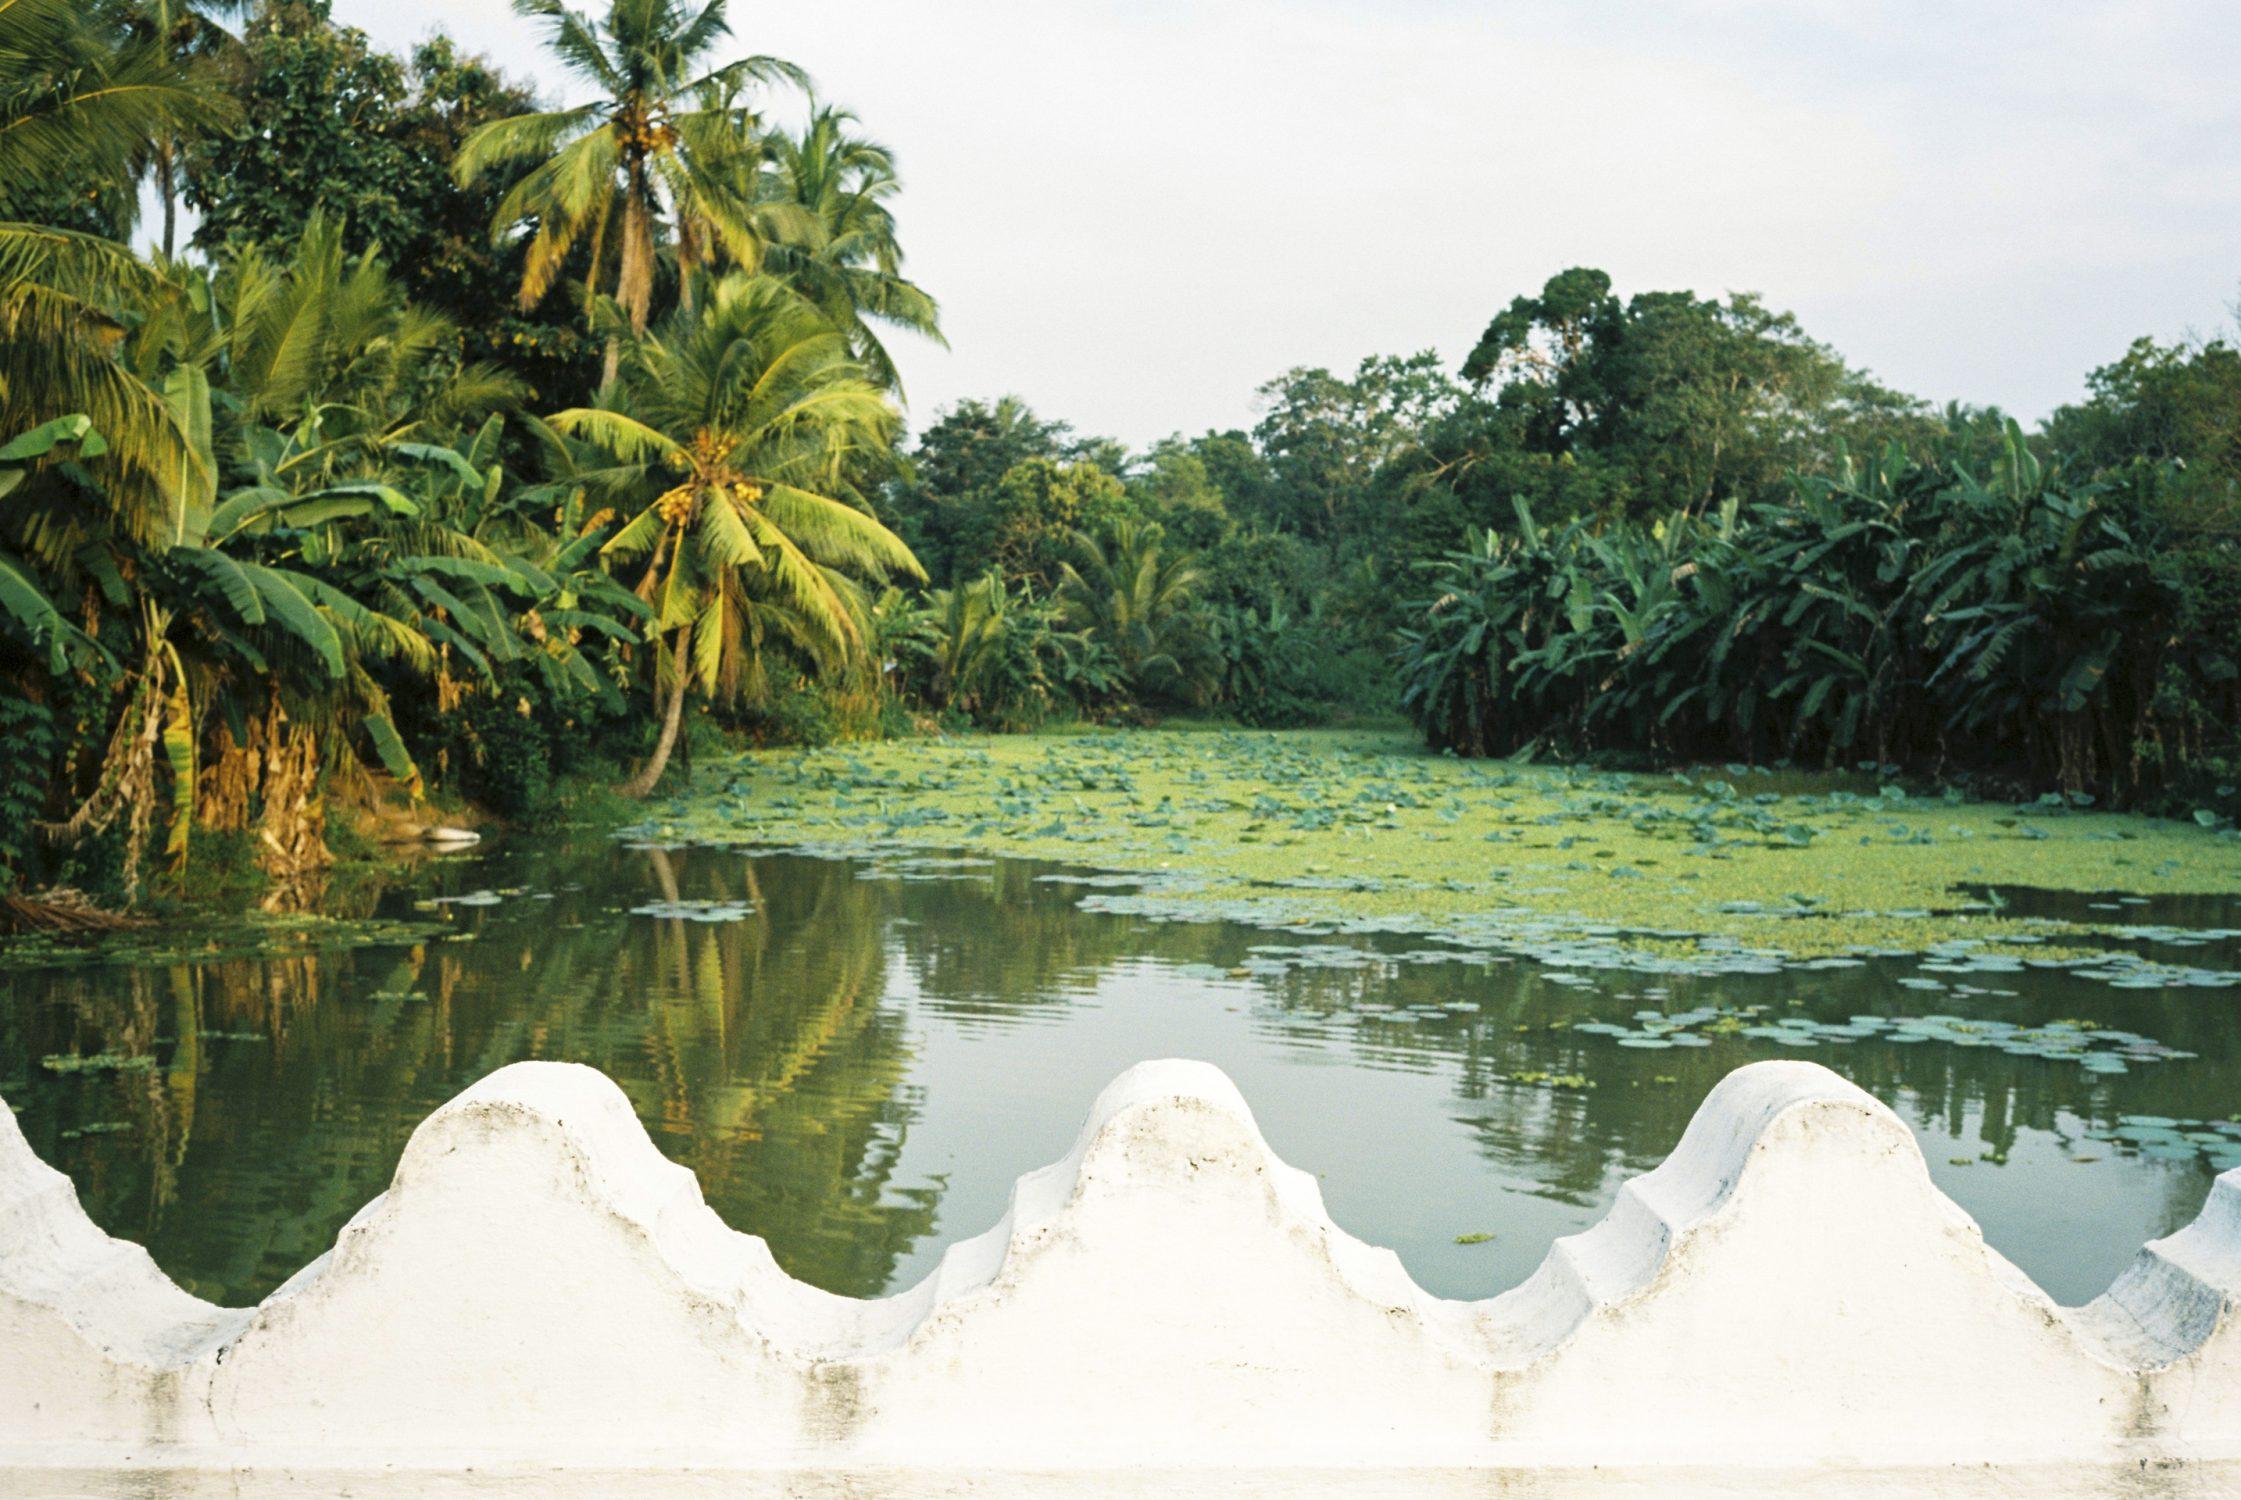 Sri Lanka on Film